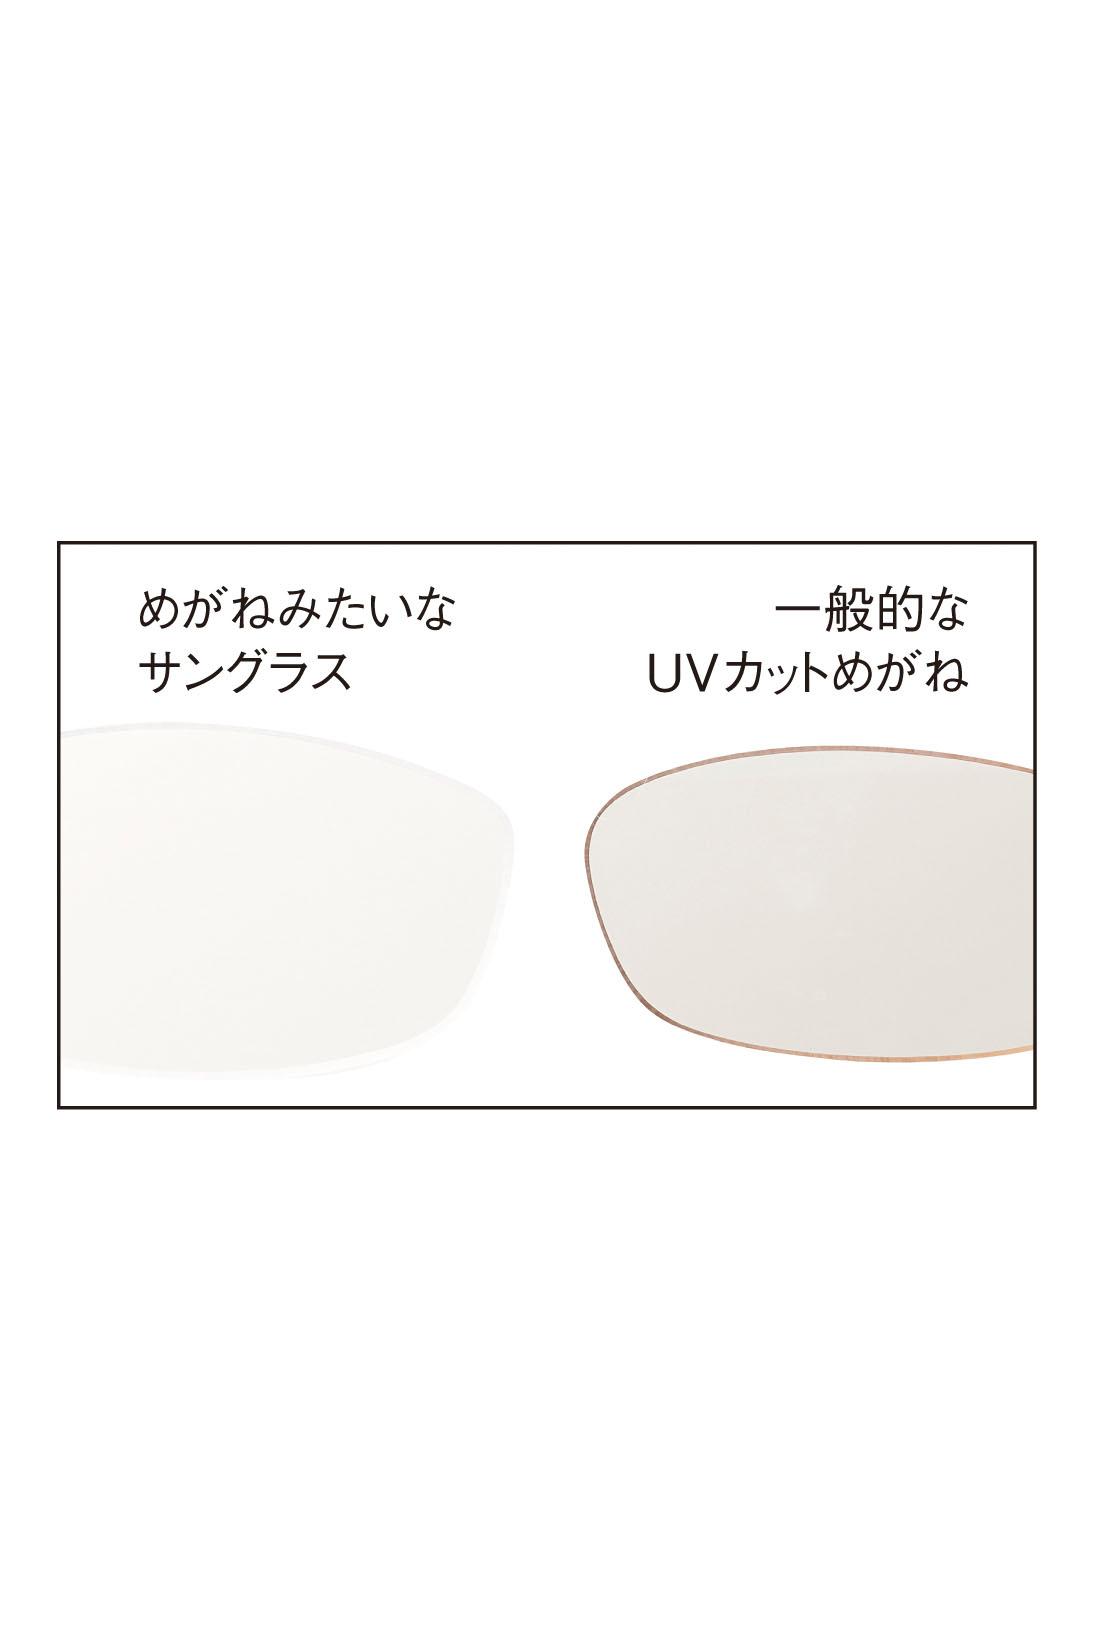 高いUVカット率を維持しながら極力透明に近づけたレンズで自然な印象に。ふだんサングラスをかけない人もこれならかけやすいですよね。プチプライスもGOOD!